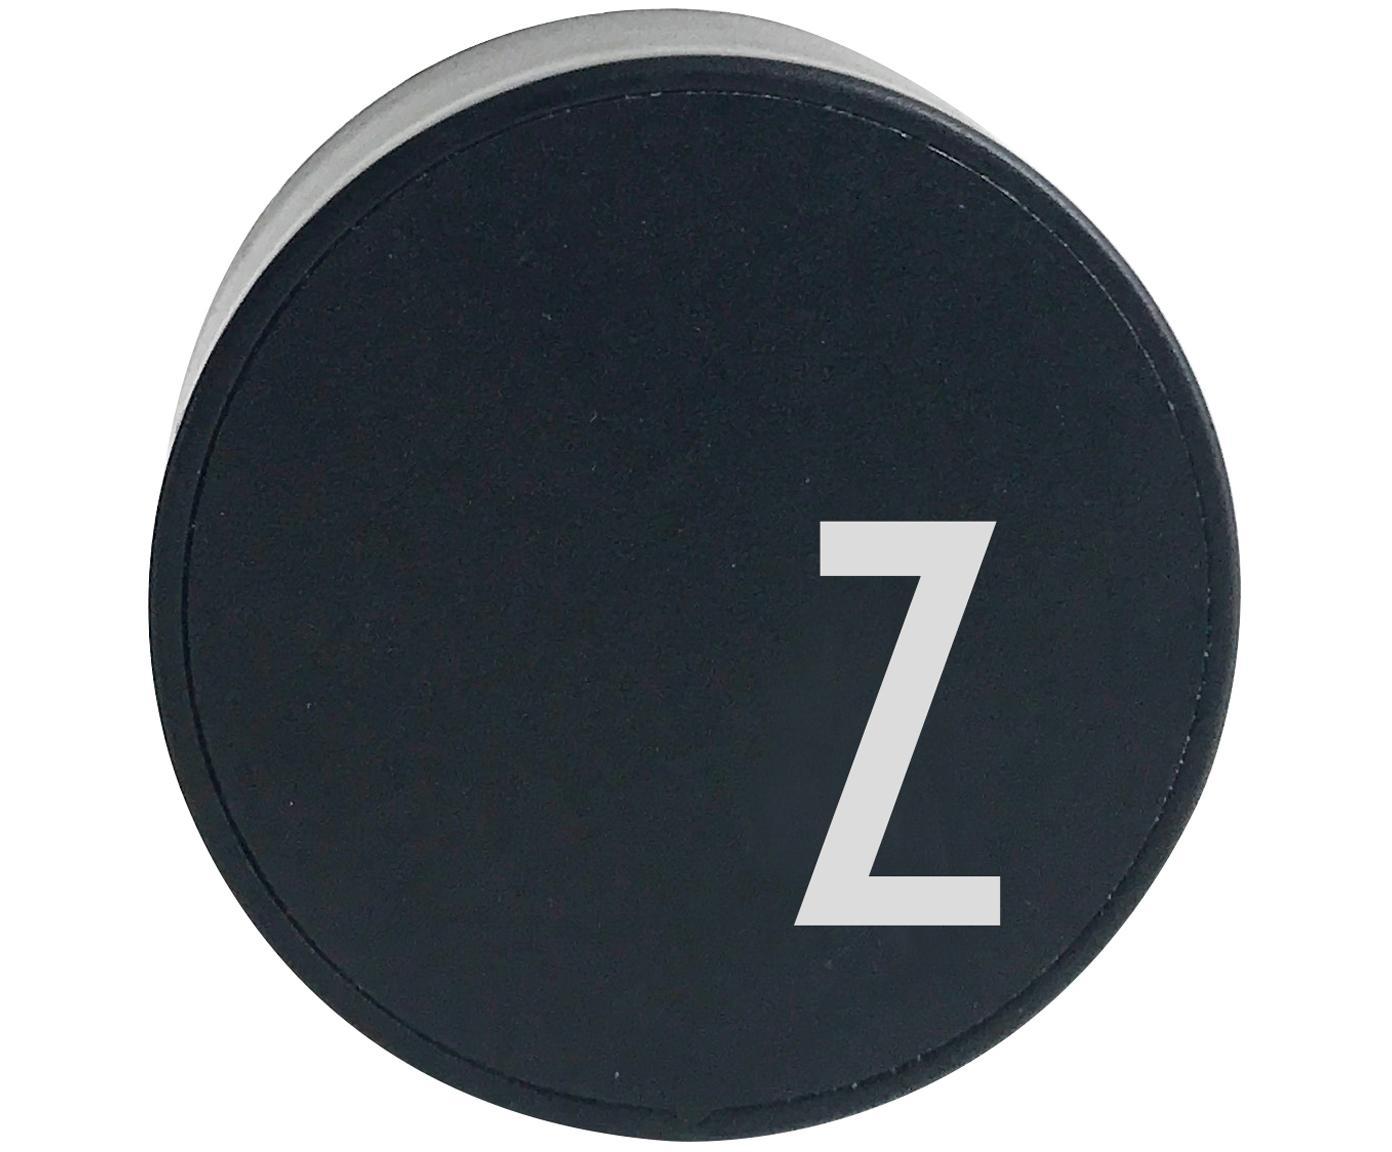 Oplader MyCharger (varianten van A tot Z), Kunststof, Zwart, Oplader Z